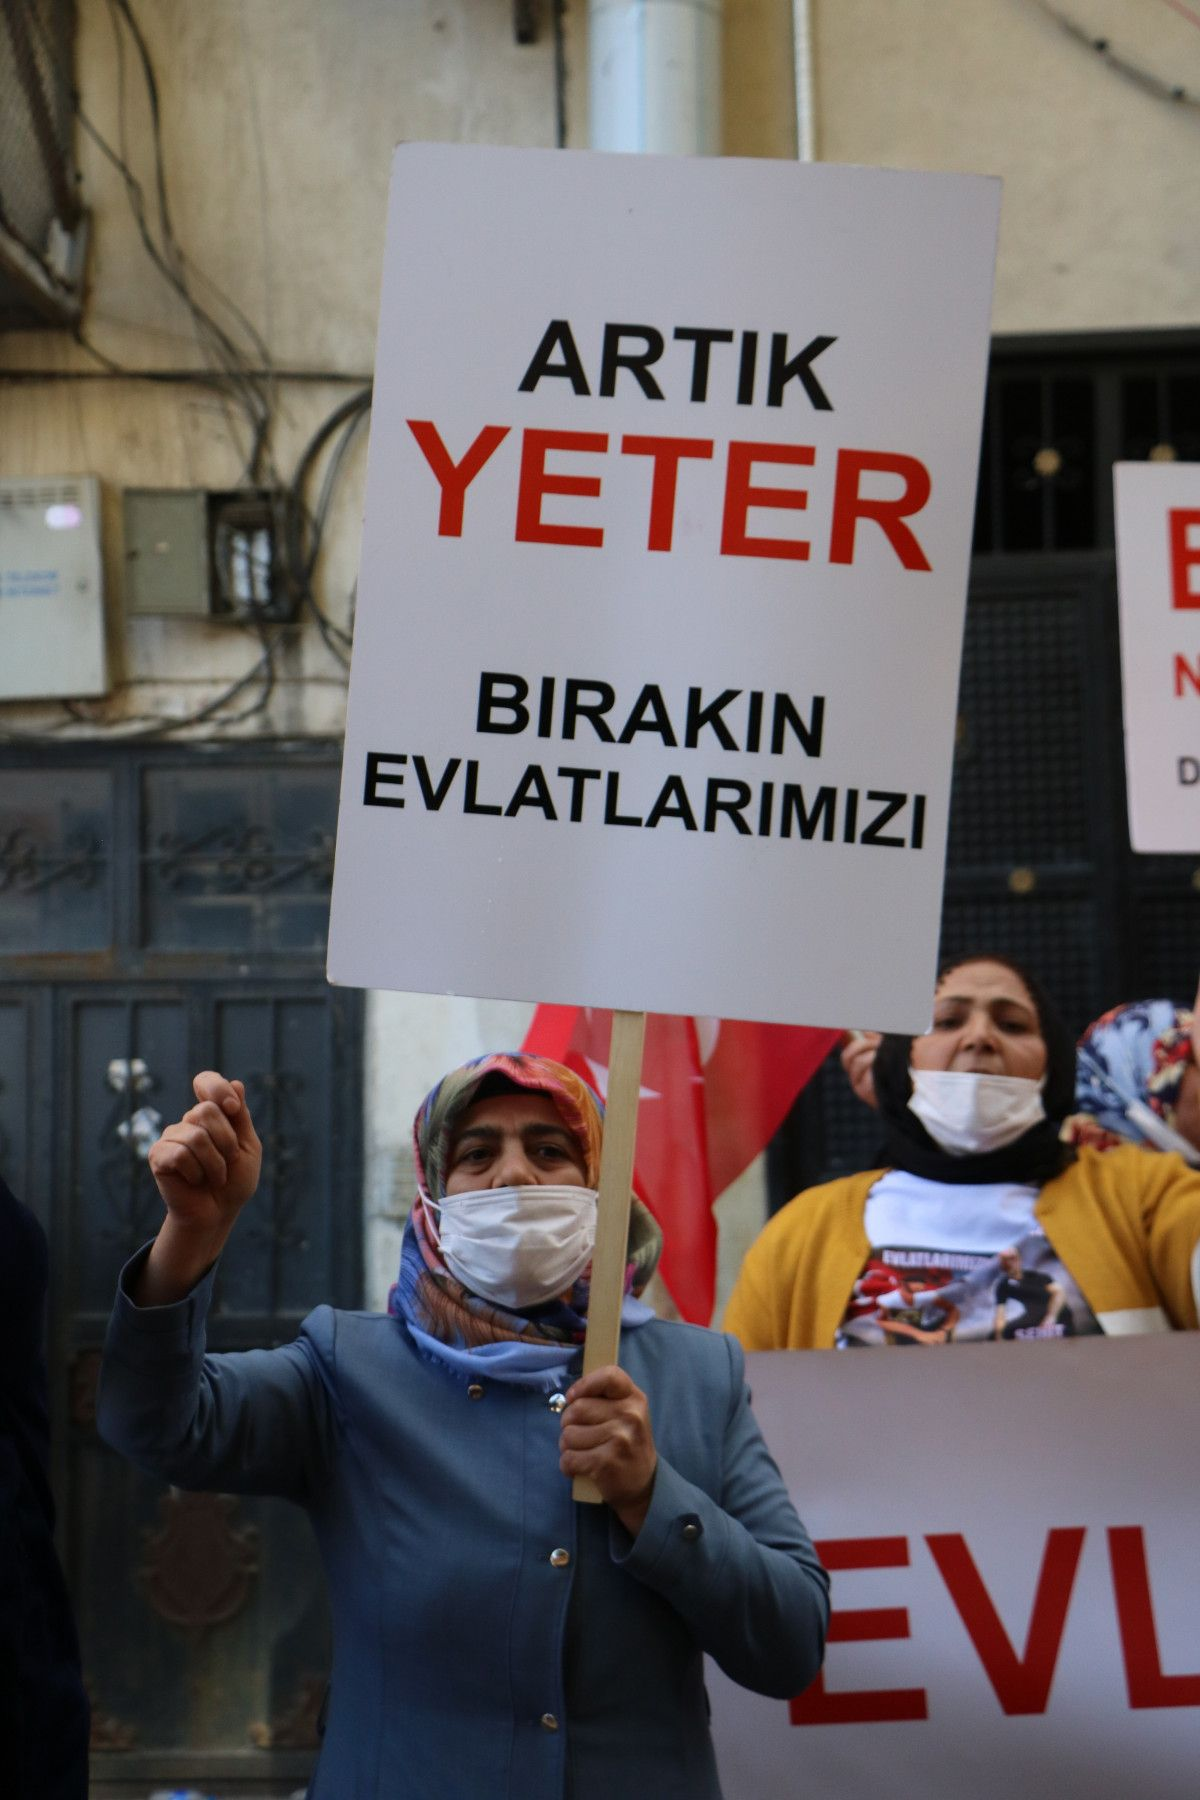 Diyarbakır daki annelerden, Hakkari deki evlat nöbeti eylemlerine destek #7